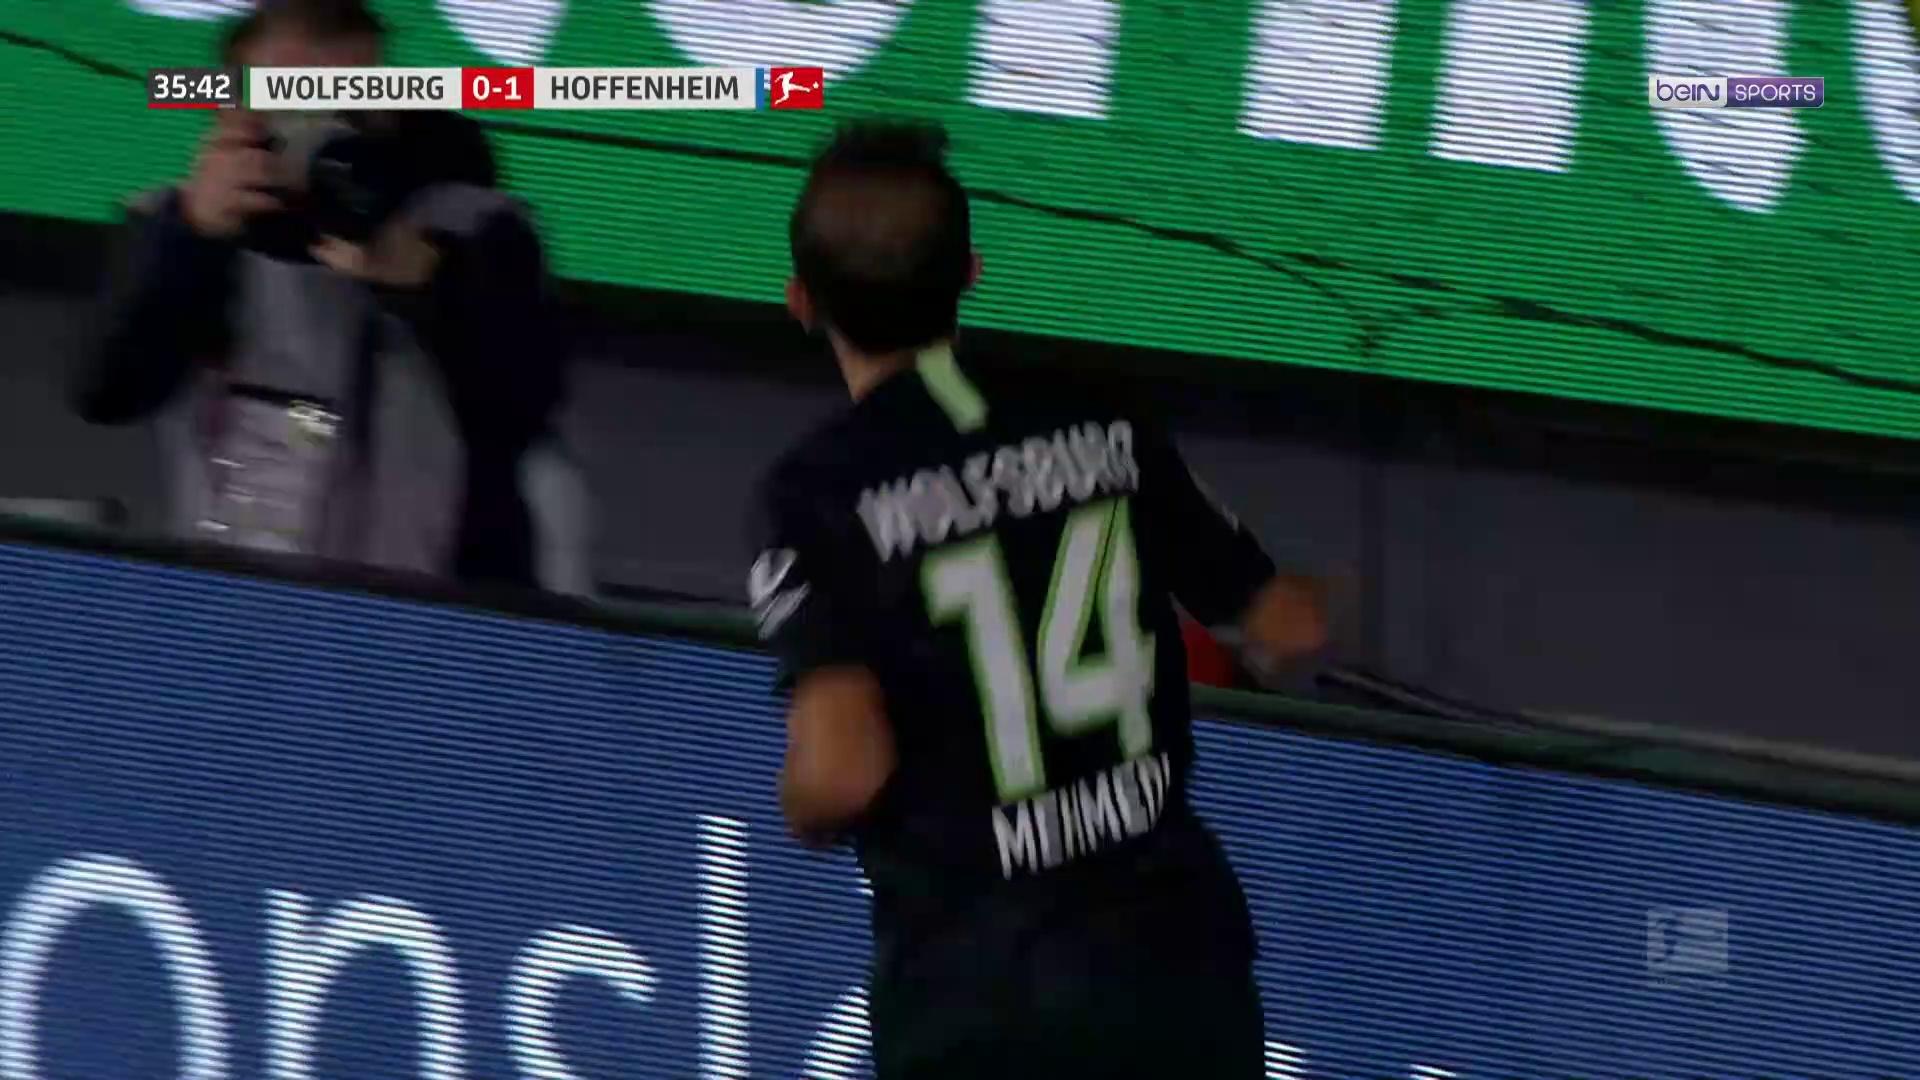 Bundesliga : Wolfsburg et Hoffenheim dos à dos (1-1)